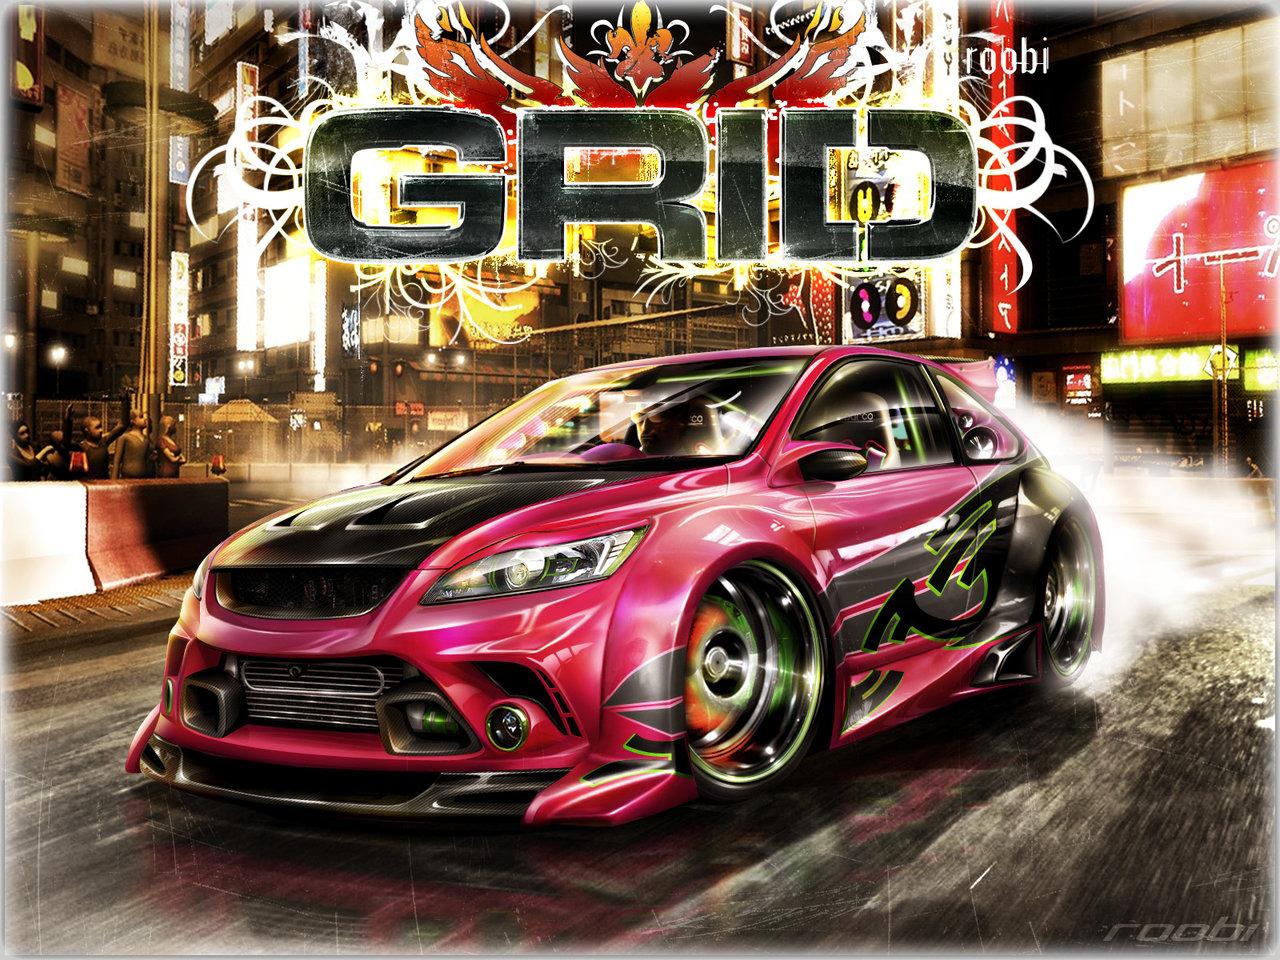 http://1.bp.blogspot.com/__ZTYagFP2f8/TGdhNWY28qI/AAAAAAAAAfg/UiMJdY9ElmI/s1600/Ford_Focus_GRID_by_roobi.jpg